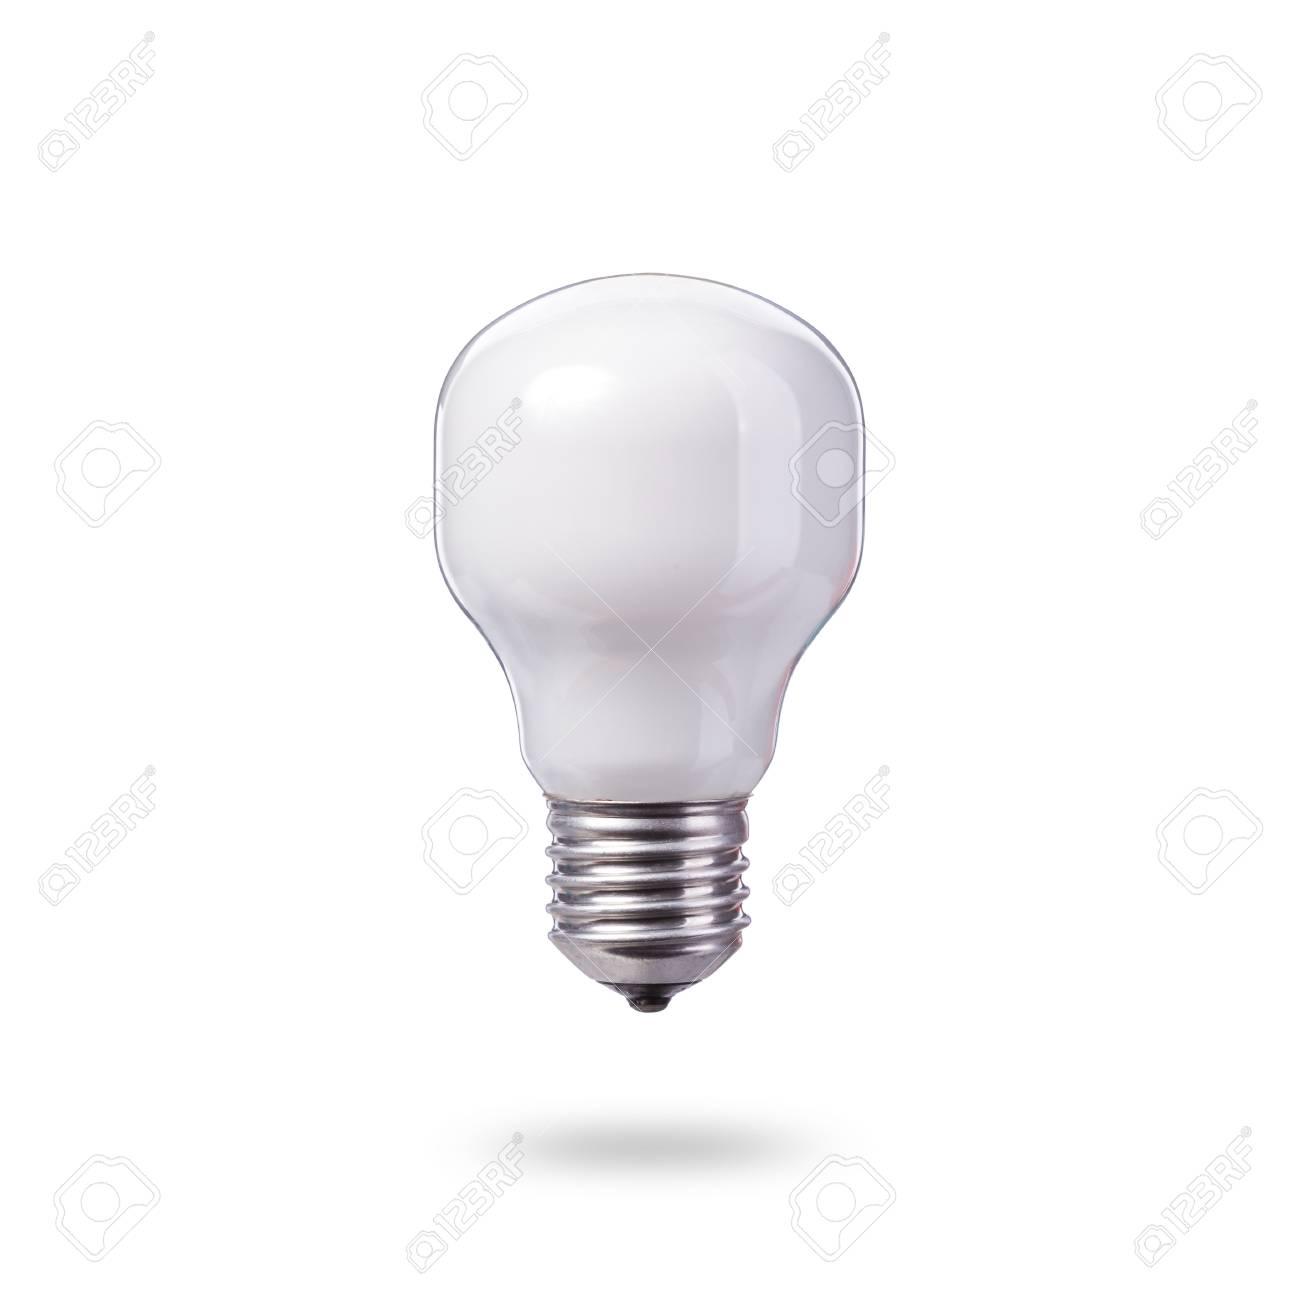 白の新しいホーム ライト電球 スタジオ撮影で孤立した白い背景